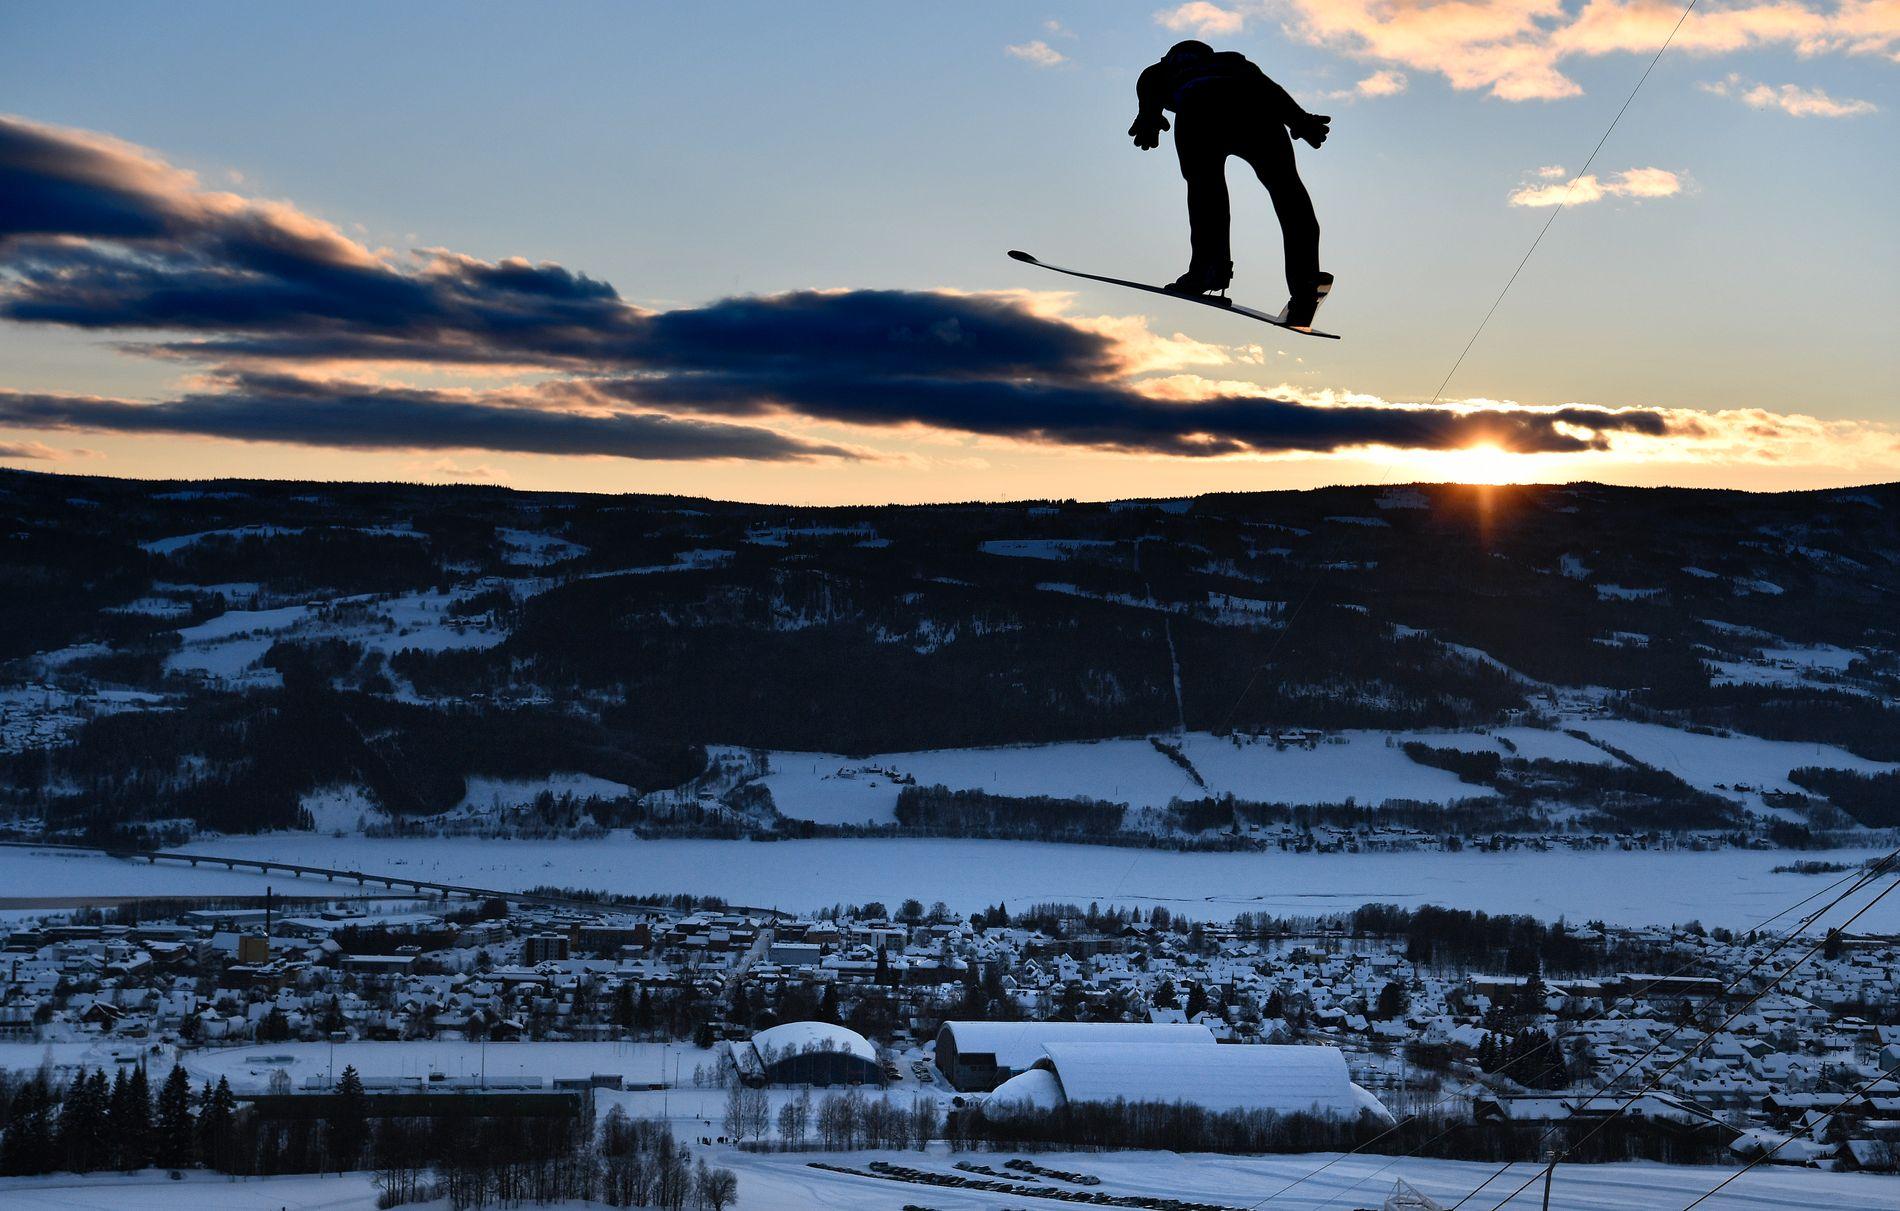 FLYR OVER OL-ANLEGG: Polske Kamil Stoch flyr ned til Raw Air-seier i OL-bakken fra 1994 på Lillehammer i går. I bakgrunnen skimtes Håkons Hall som er blant de gamle OL-anleggene som nå må rustes opp for mange millioner kroner.